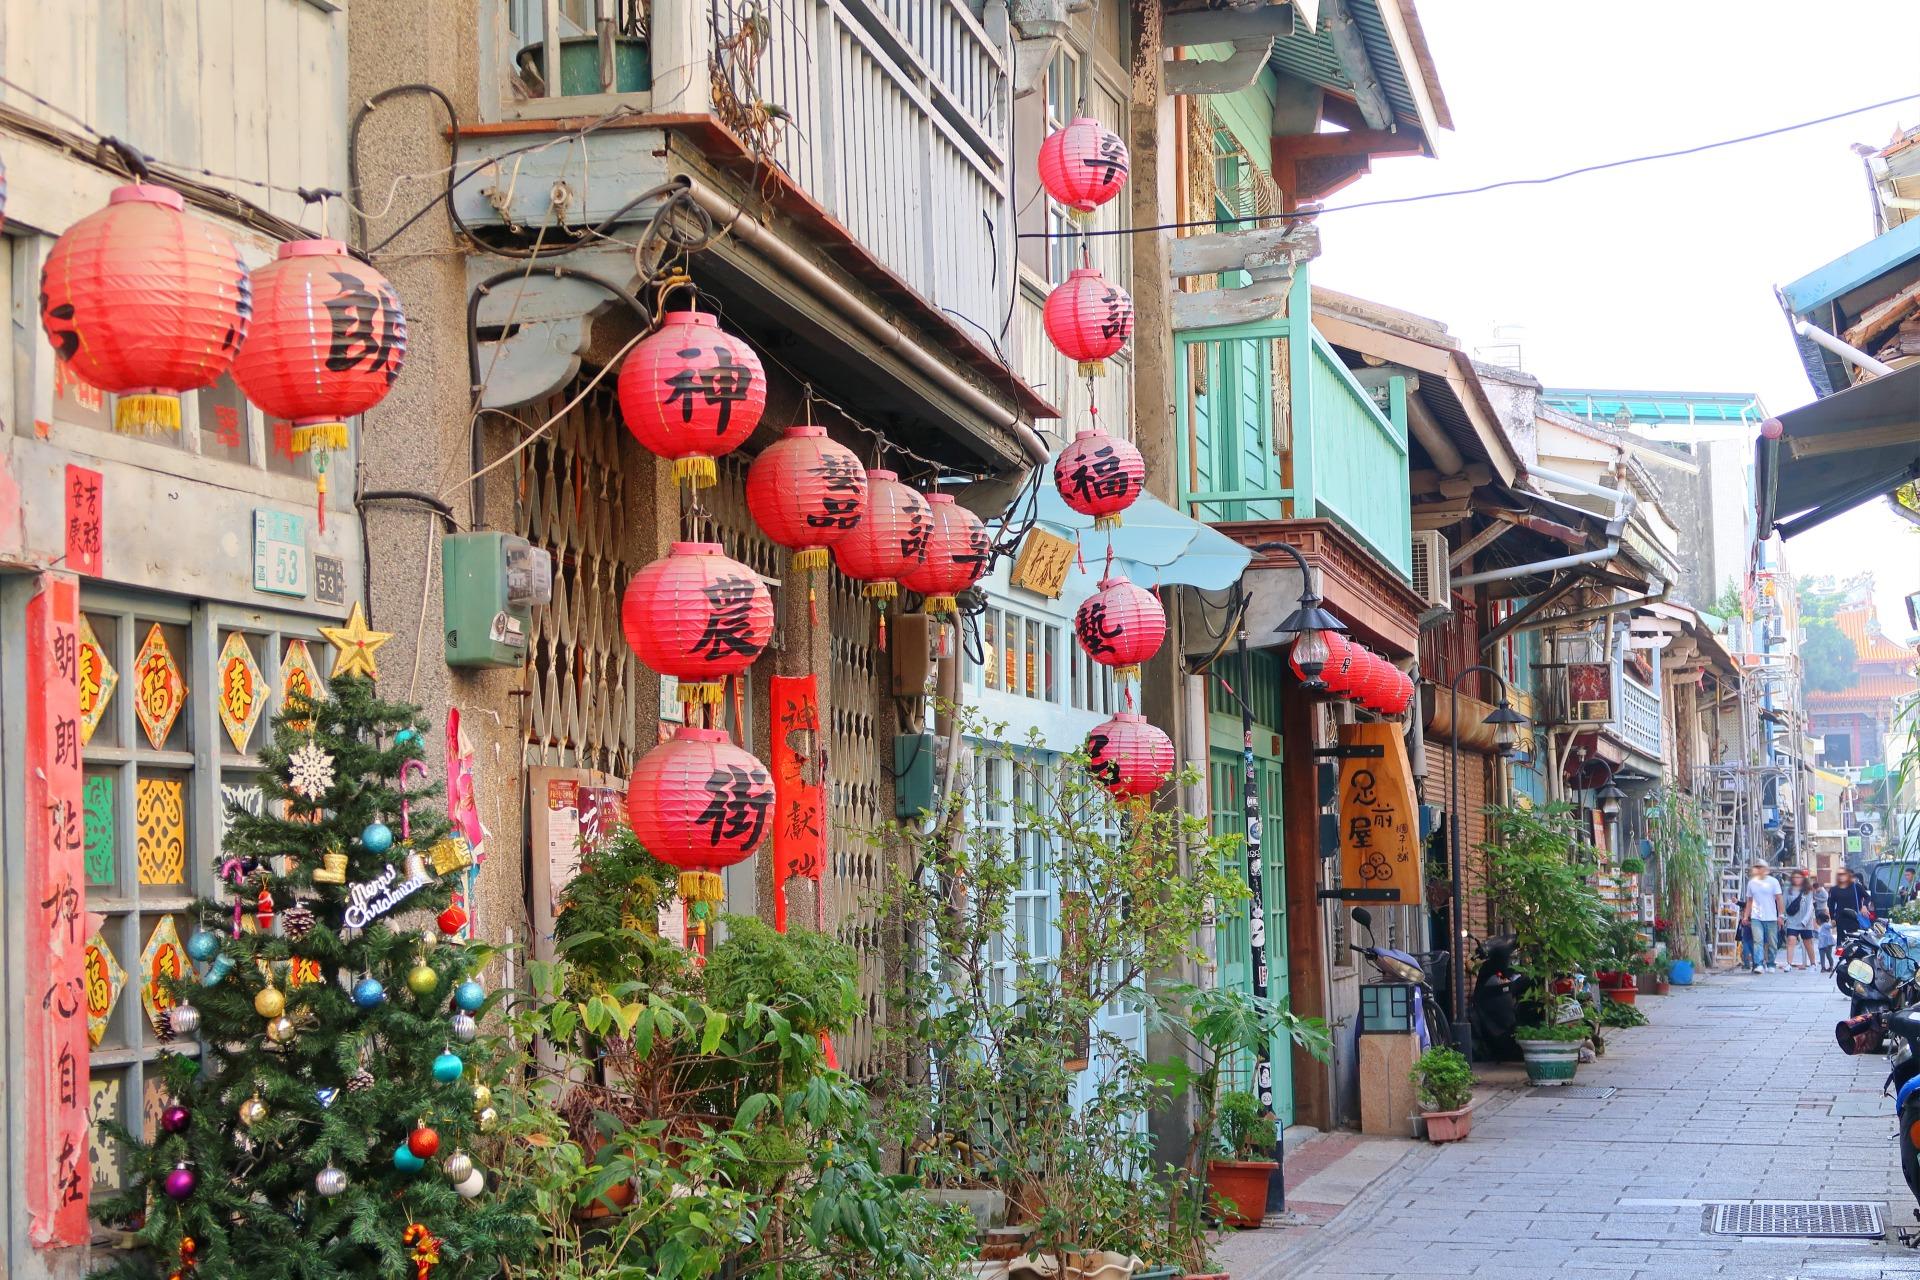 日本の介護をアジアへ――元気村グループにおける海外事業の取り組み